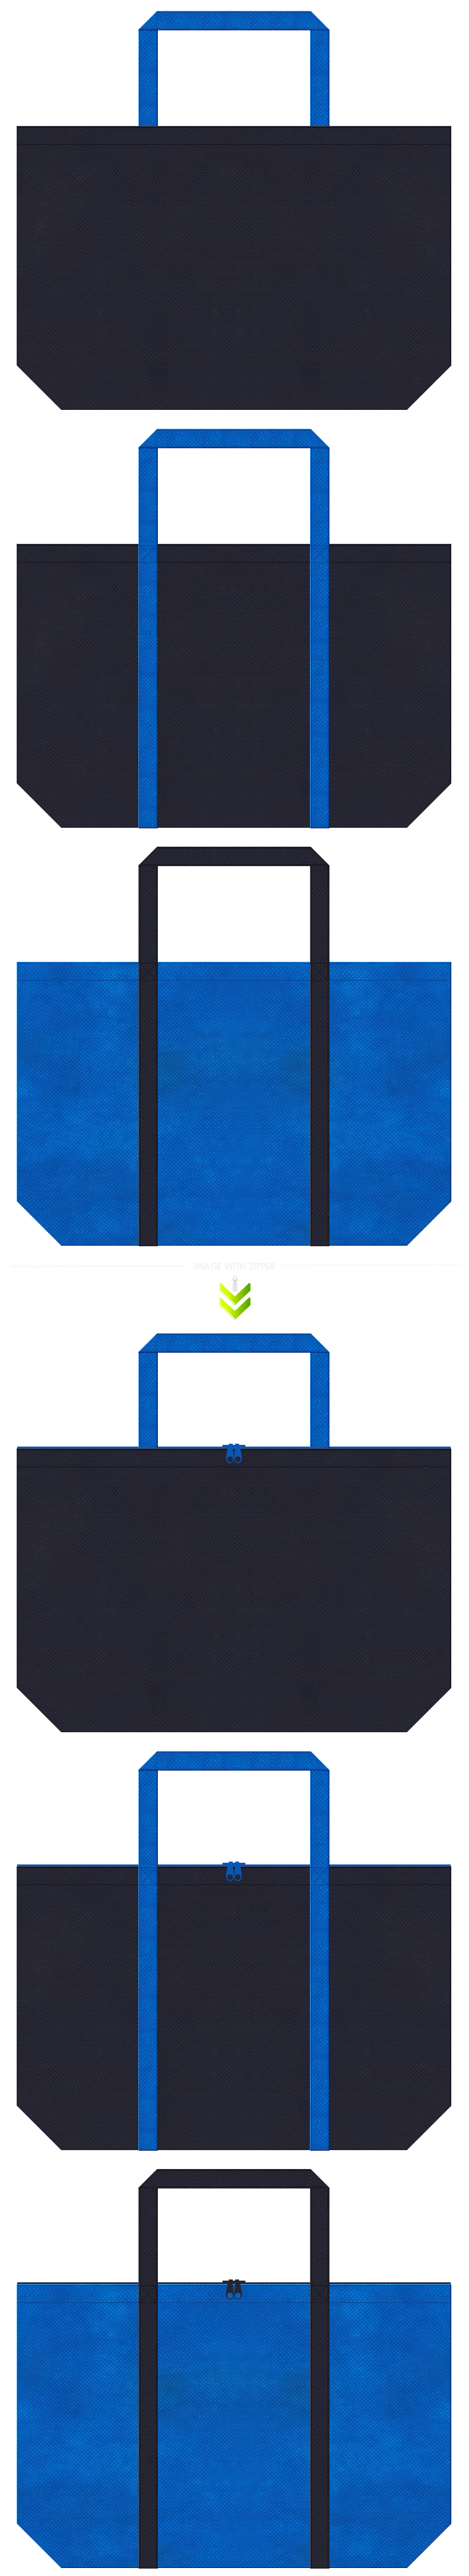 不織布バッグのデザイン:不織布カラーNo.20ナイトブルーとNo.22スカイブルーの組み合わせ